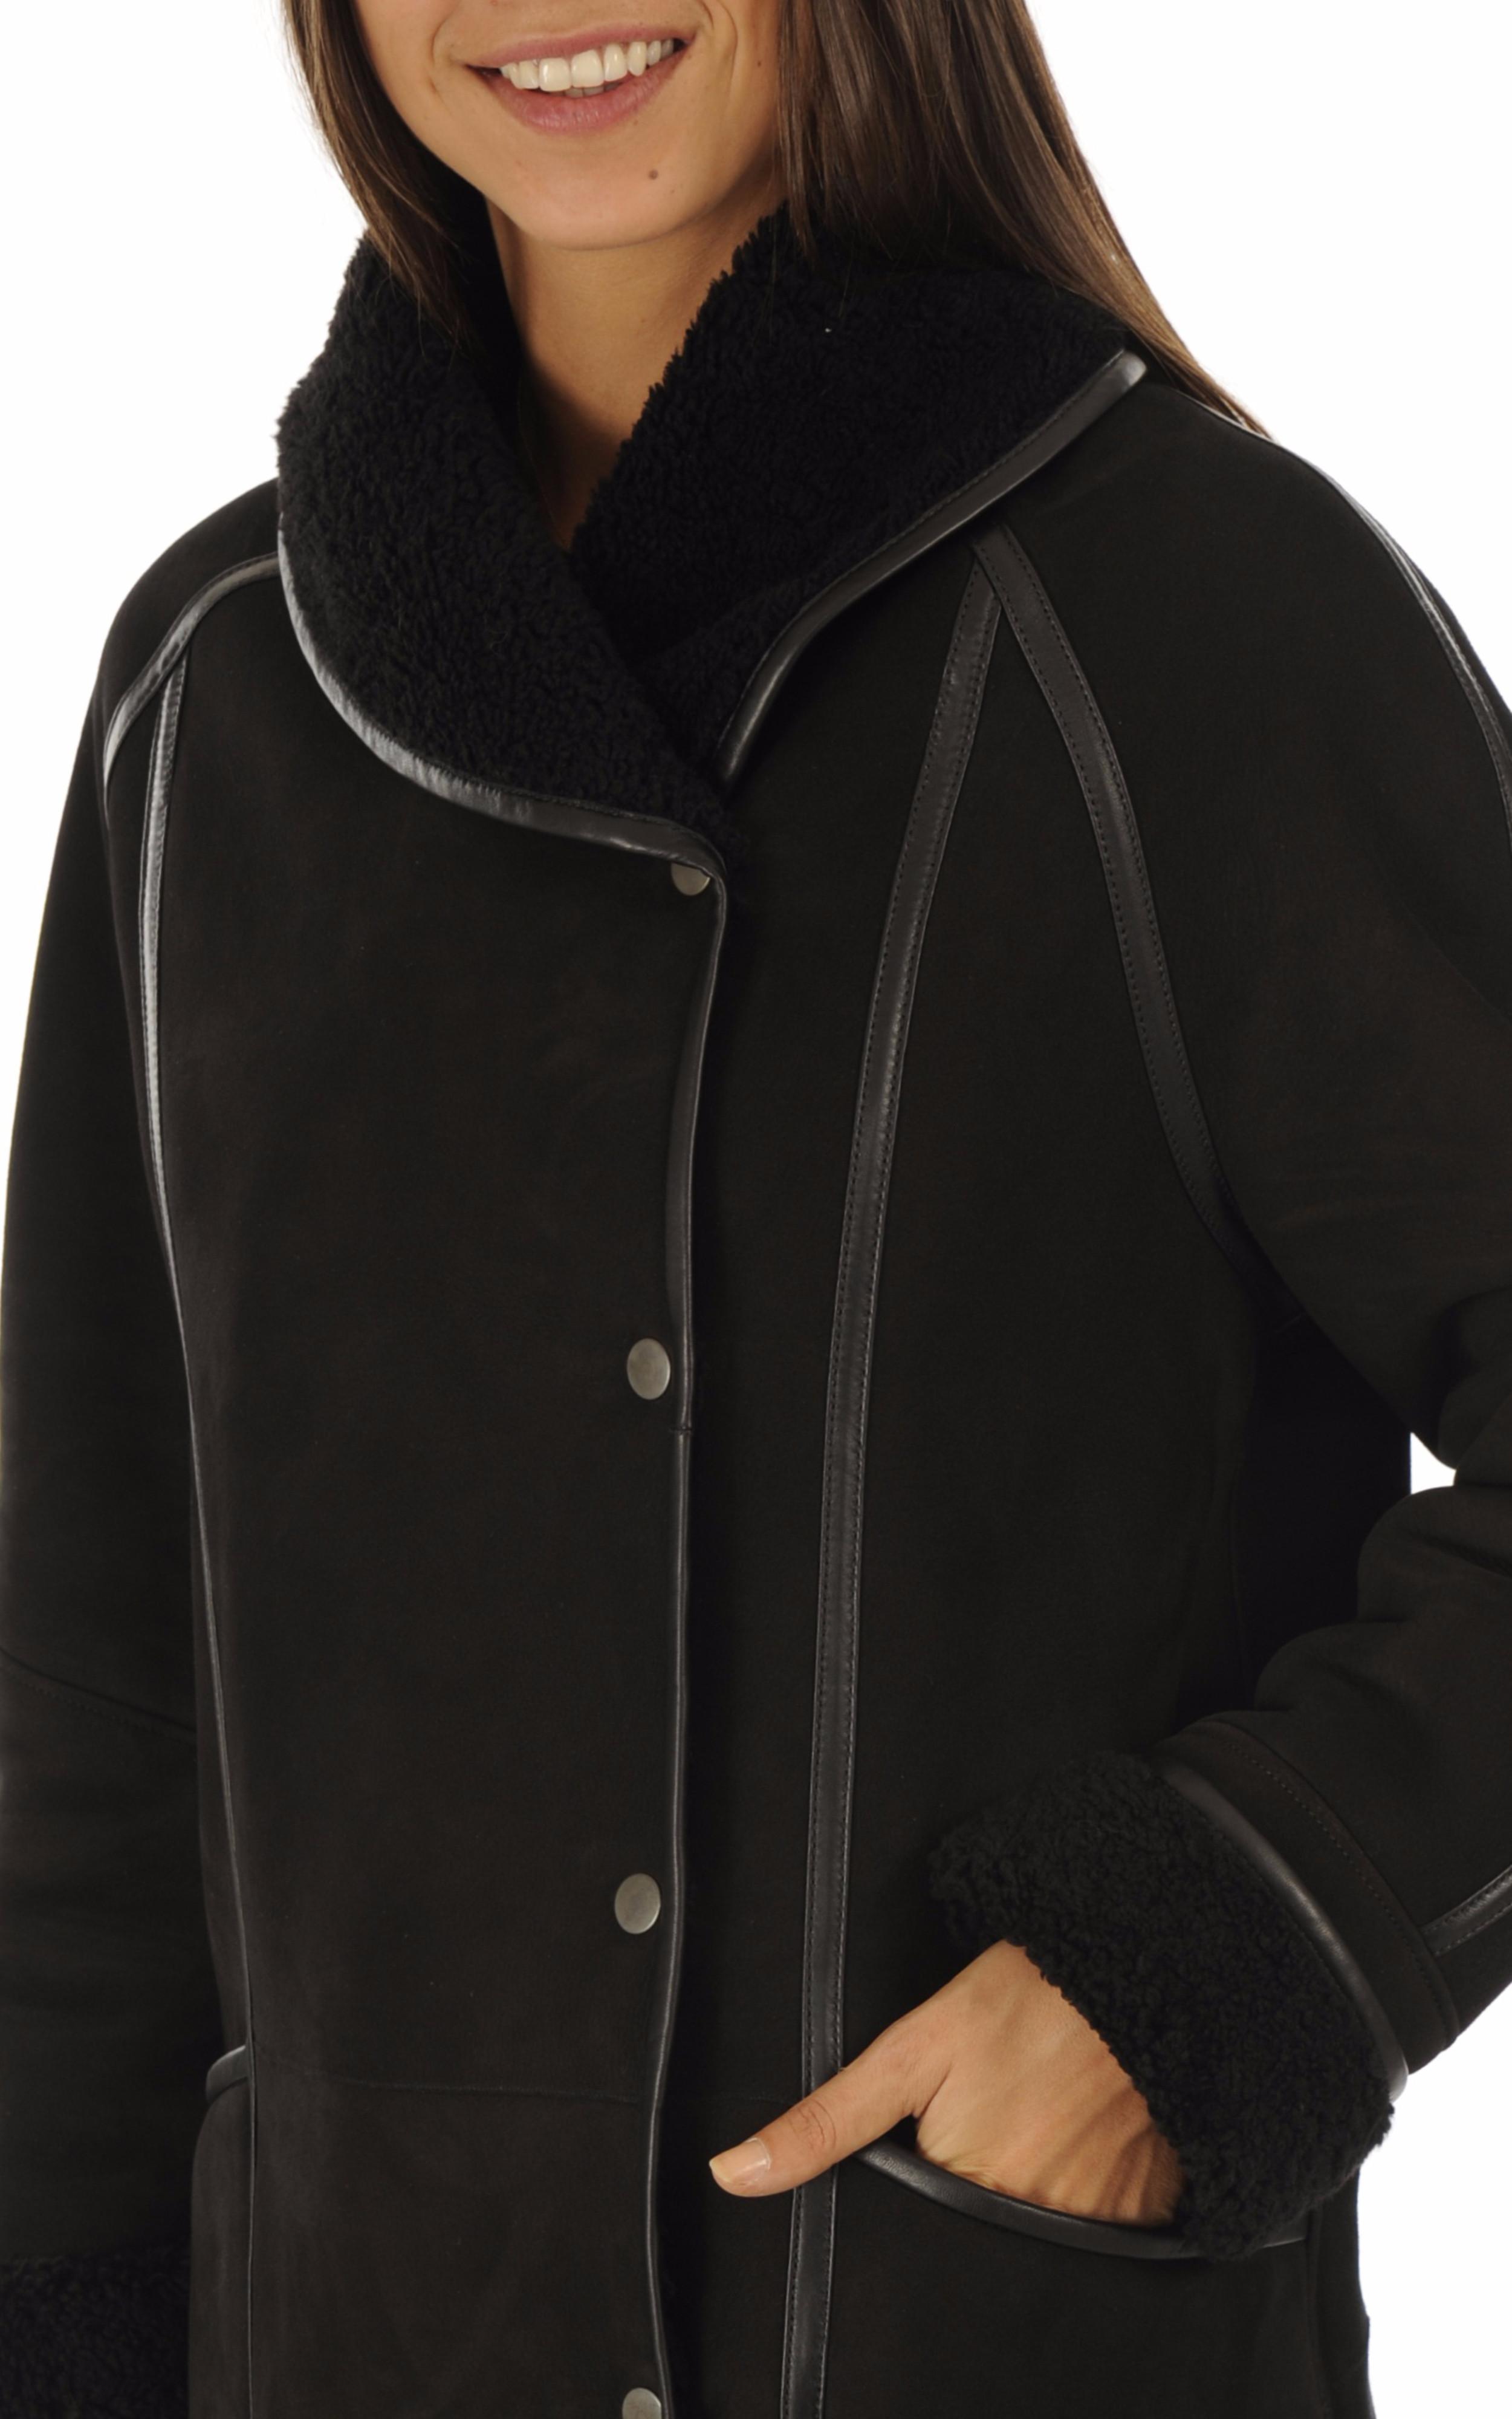 Manteau agneau noir esprit vintage La Canadienne